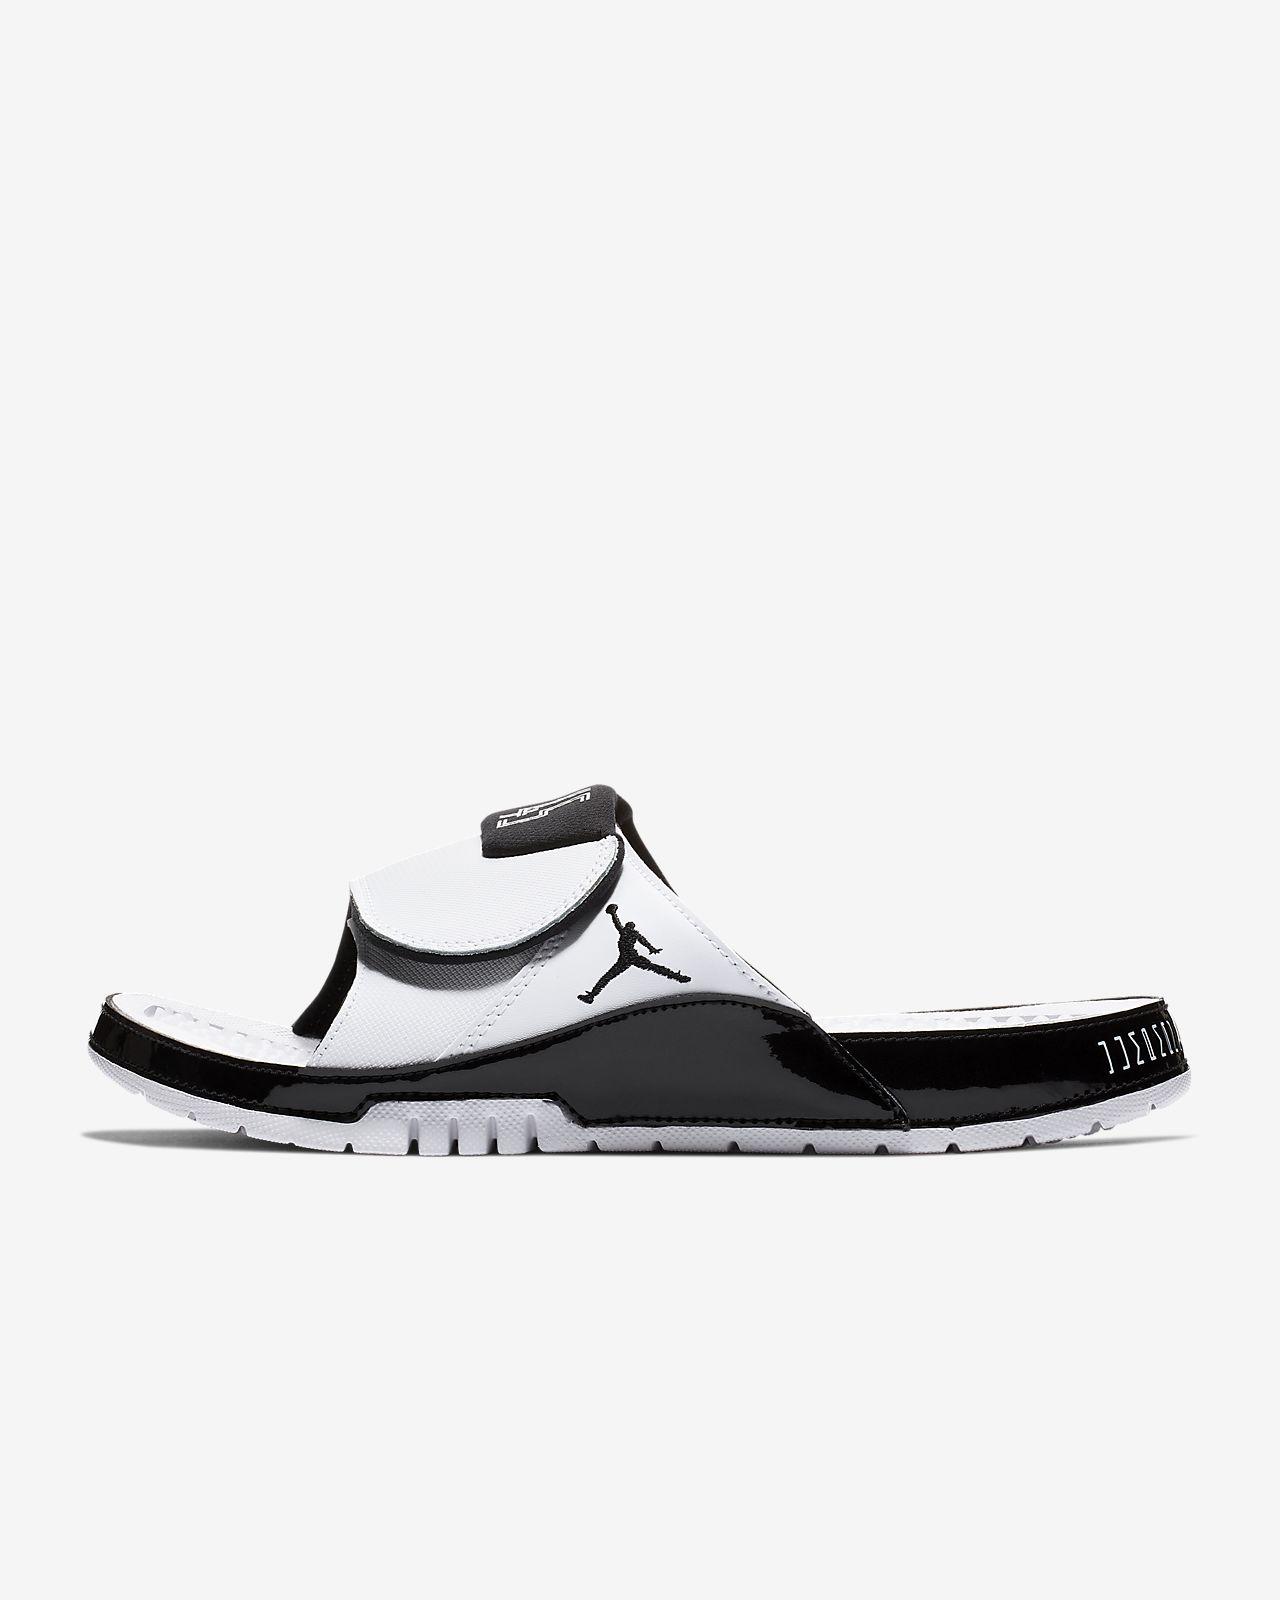 204f76185cc874 Jordan Hydro XI Retro Men s Slide. Nike.com SG